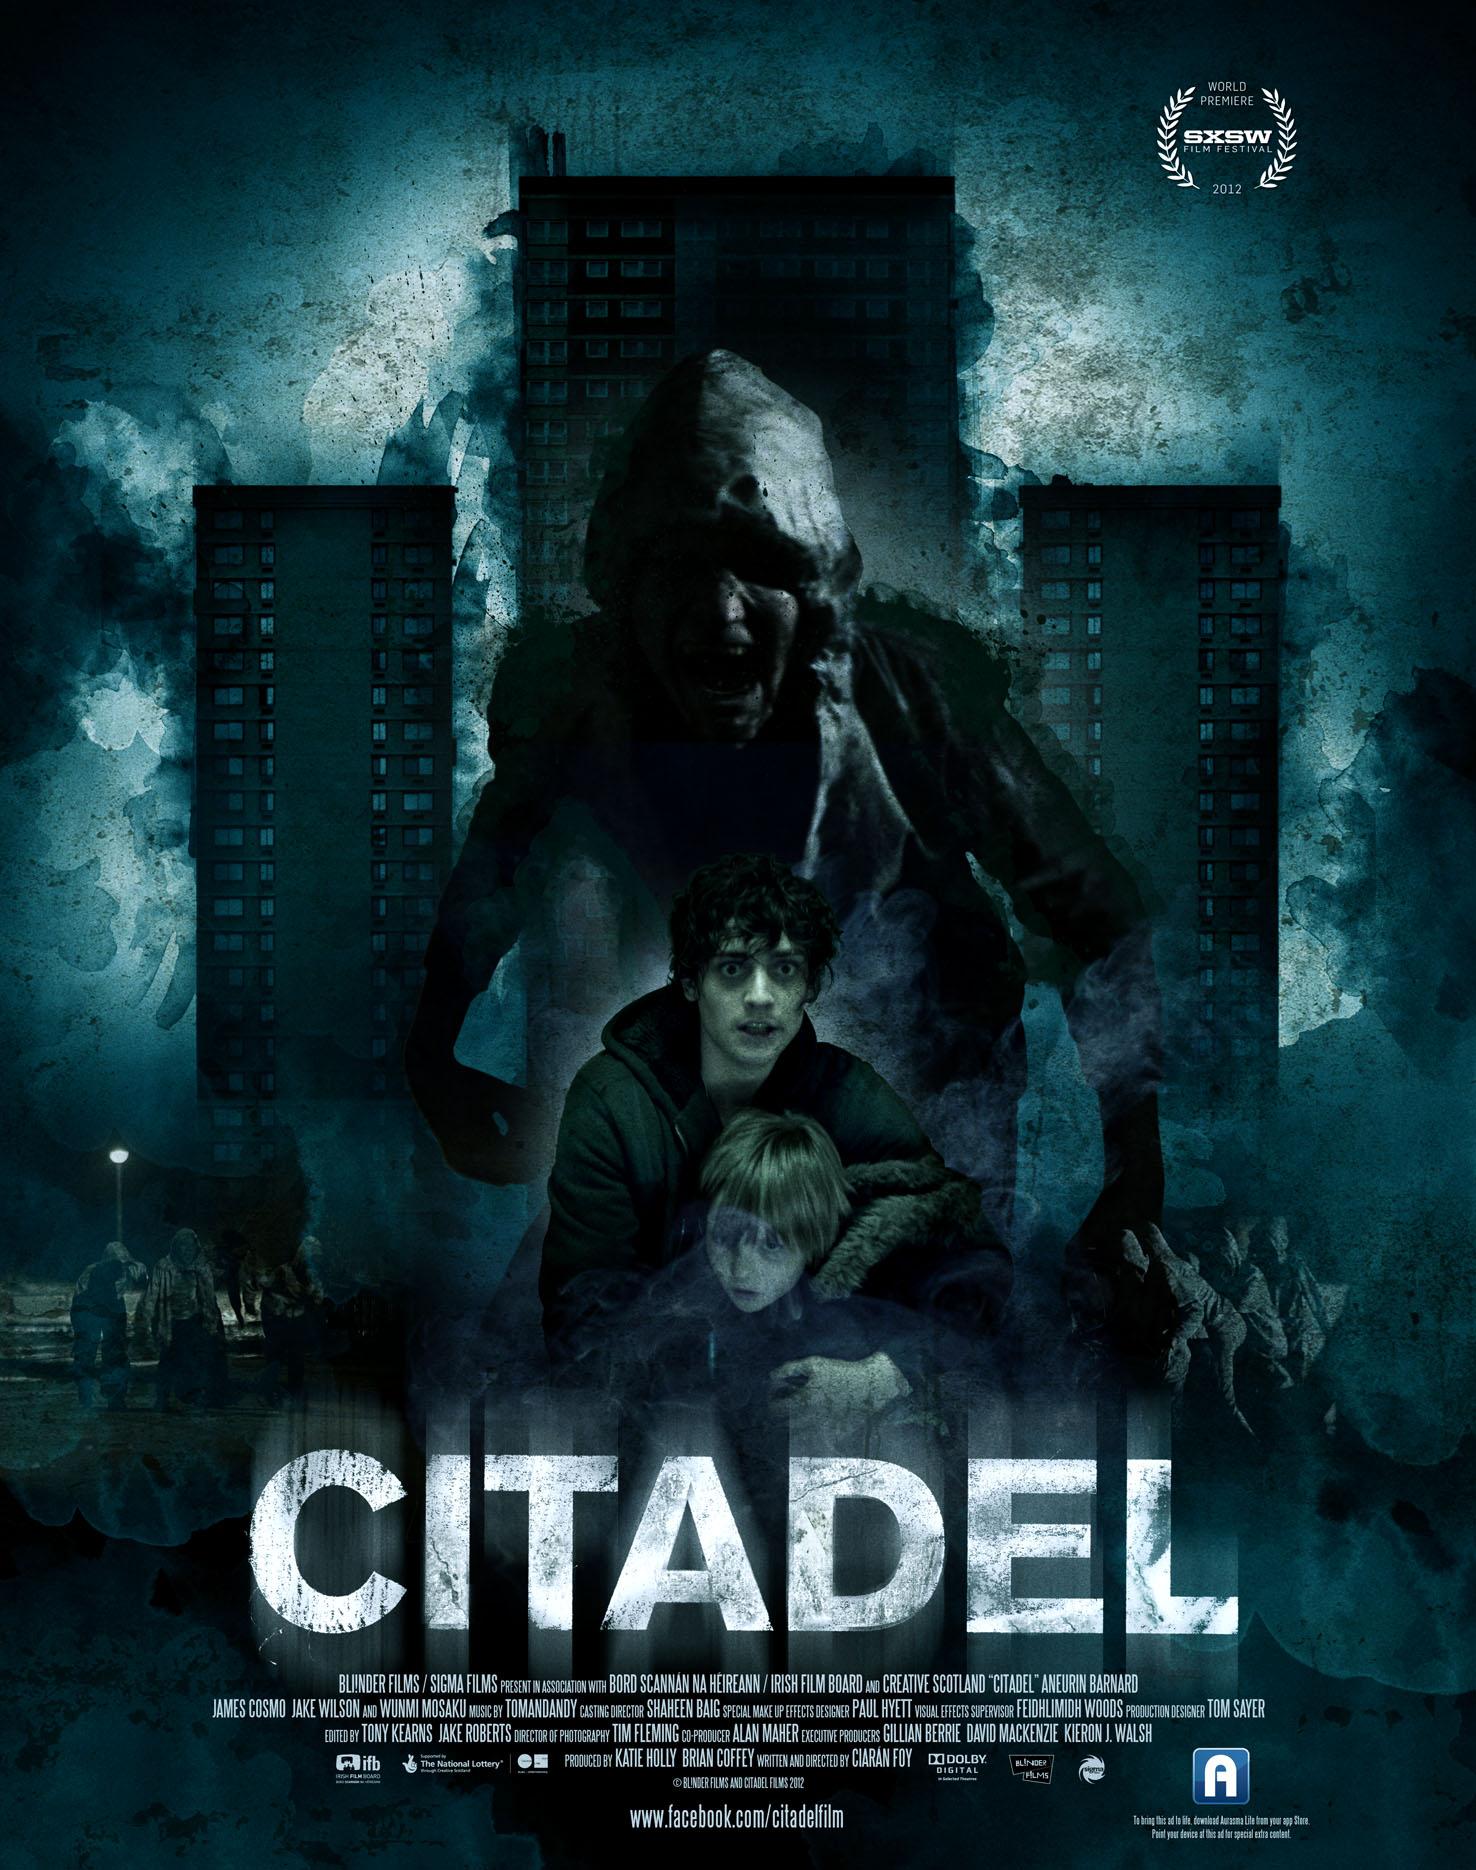 电影宣传海报英语手绘